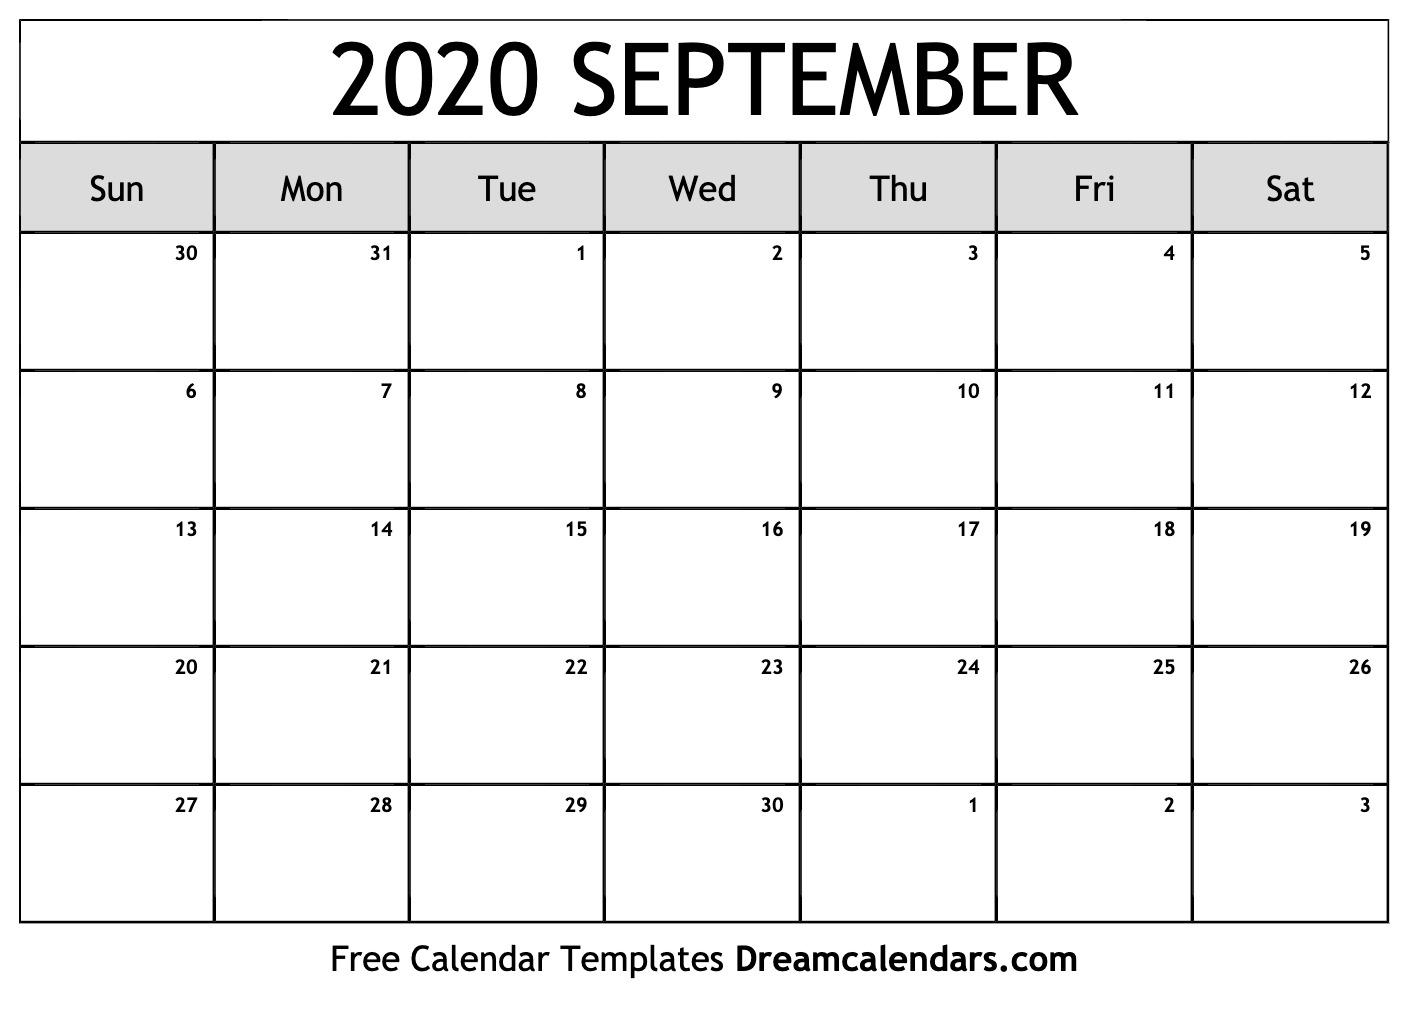 September 2020 Calendar Printable September 2020 Calendar